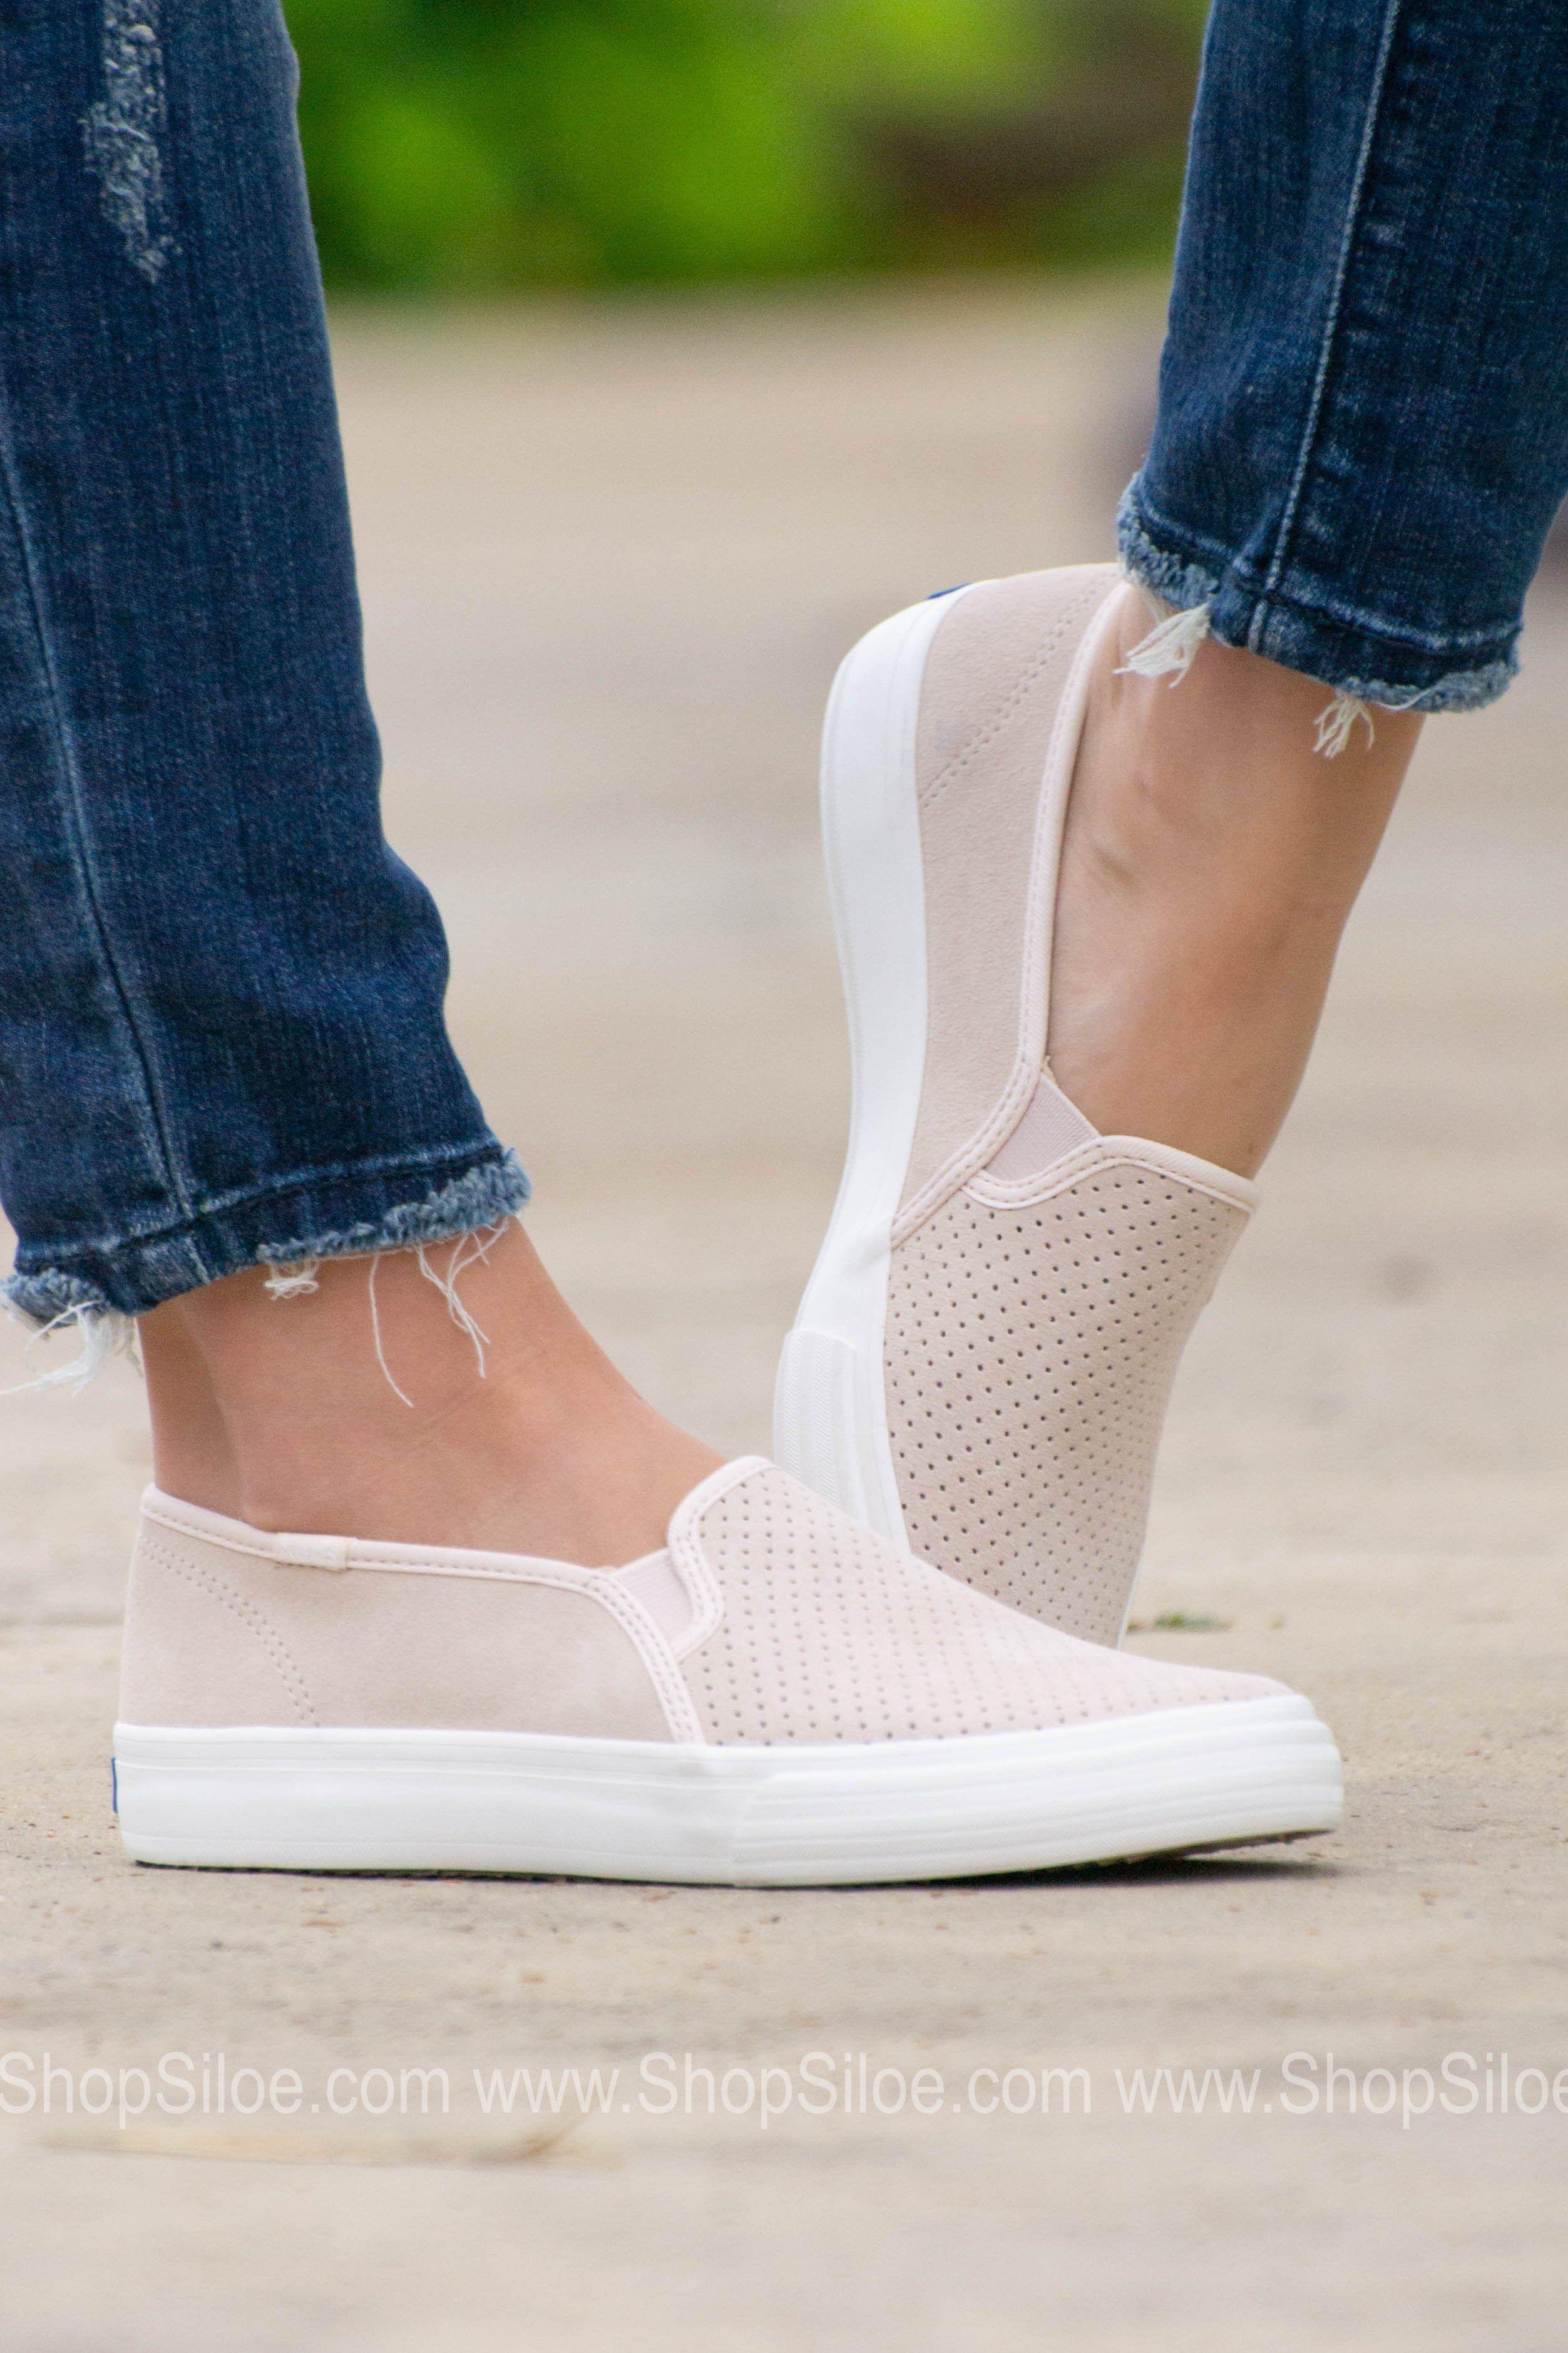 60472e28c30e Keds Double Decker Suede Shoes